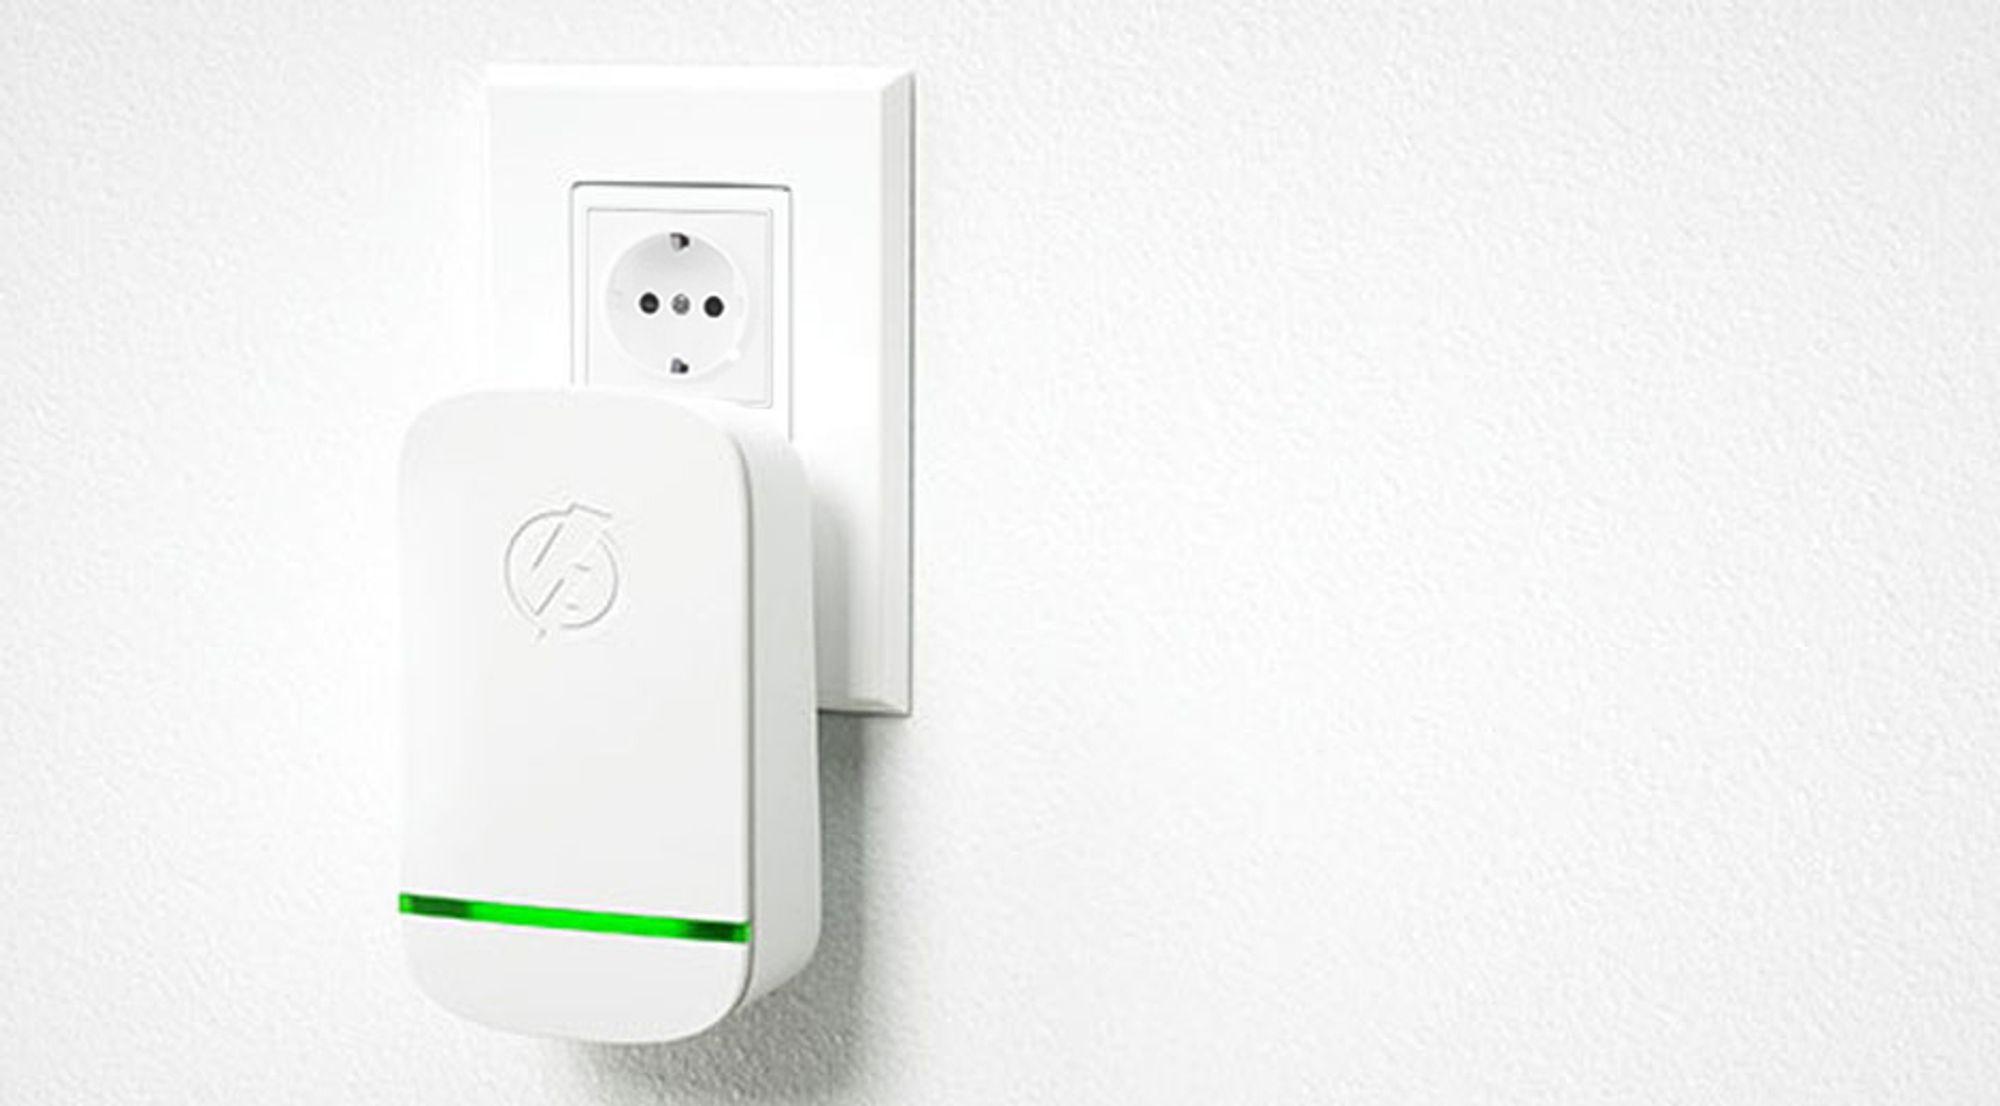 Visste du at en slik plugg kan redusere skadelig, skitten strøm fra hjemmet ditt? Ikke vi heller. Alt er bare tull, distribuert via Googles annonsenettverk til norske nettbrukere.